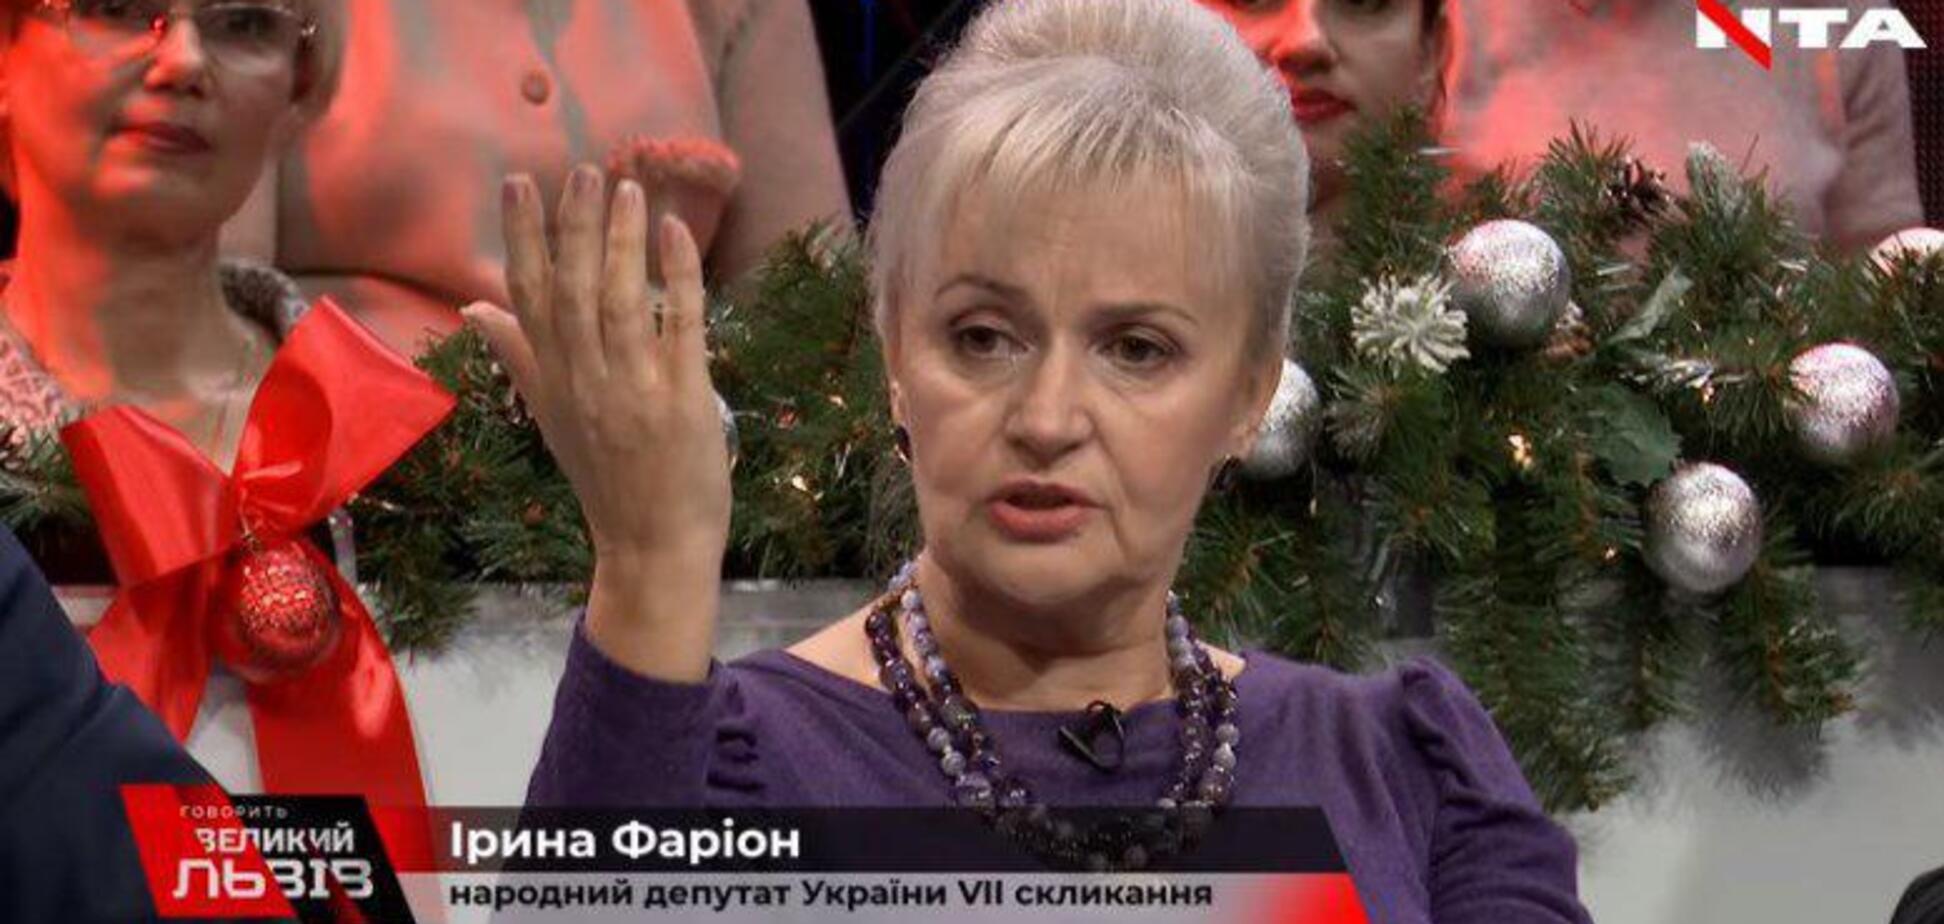 Фарион отказалась идти в президенты России, назвав русскую культуру рабской. Видео